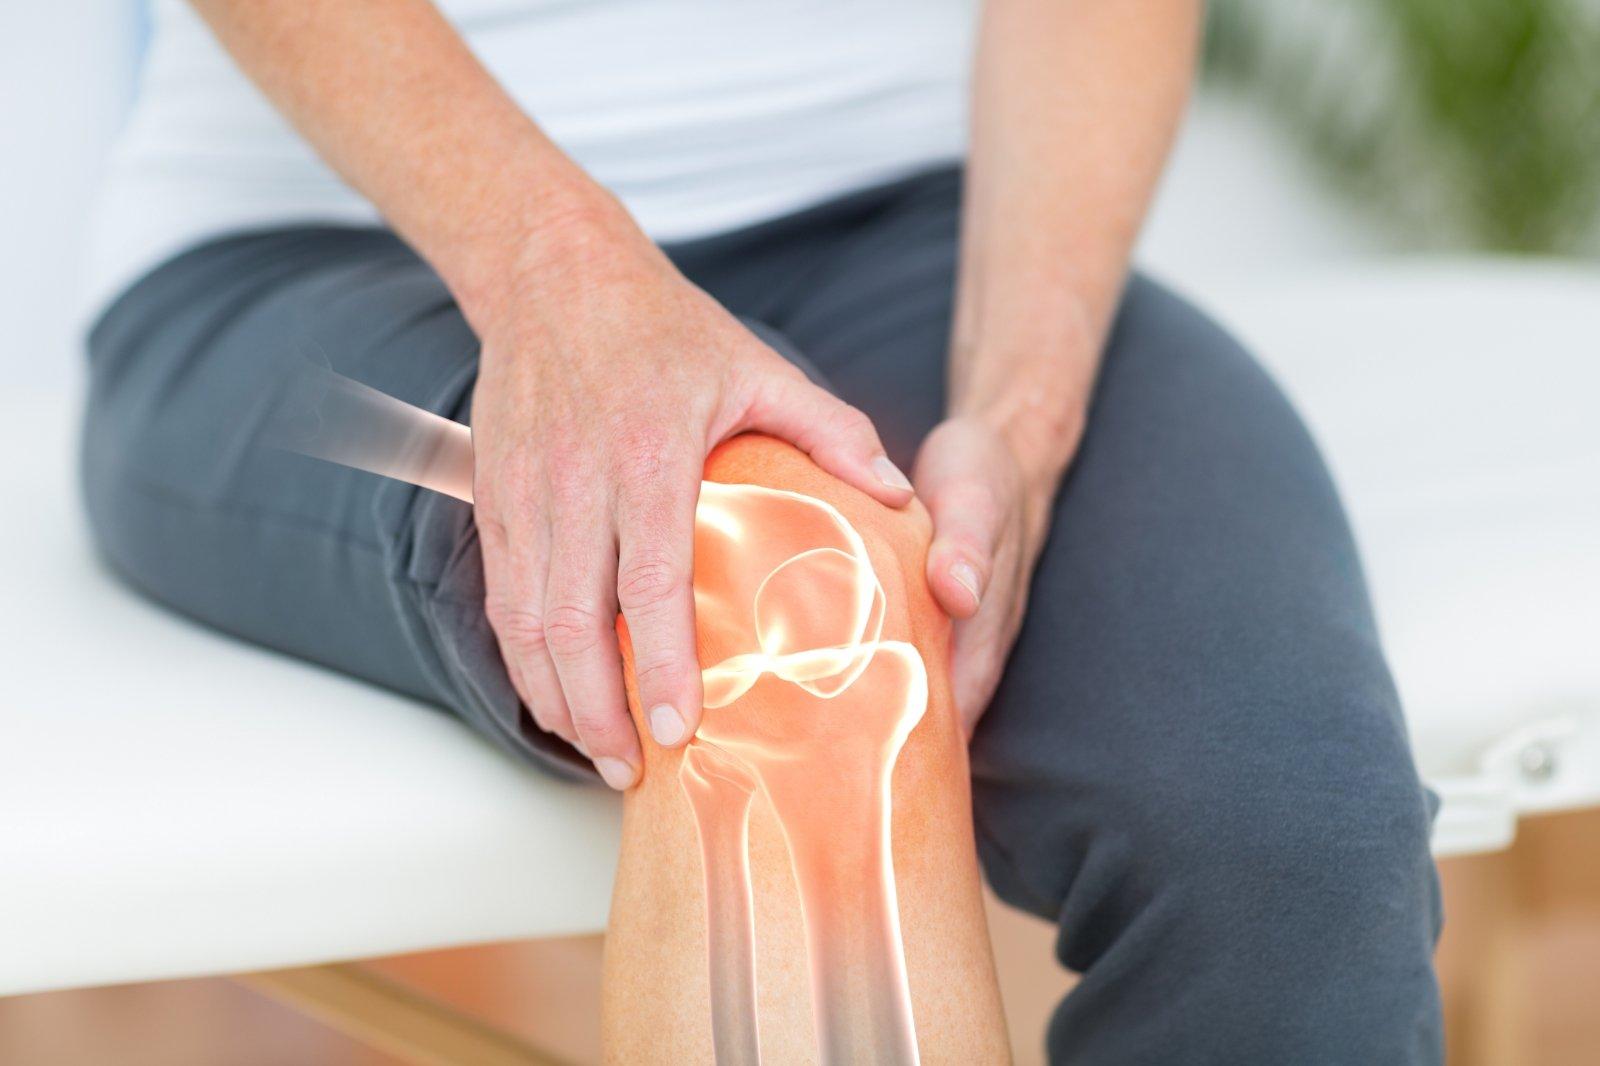 diadenz į sąnarių gydymo tepalas nuo osteochondrozės sąrašą